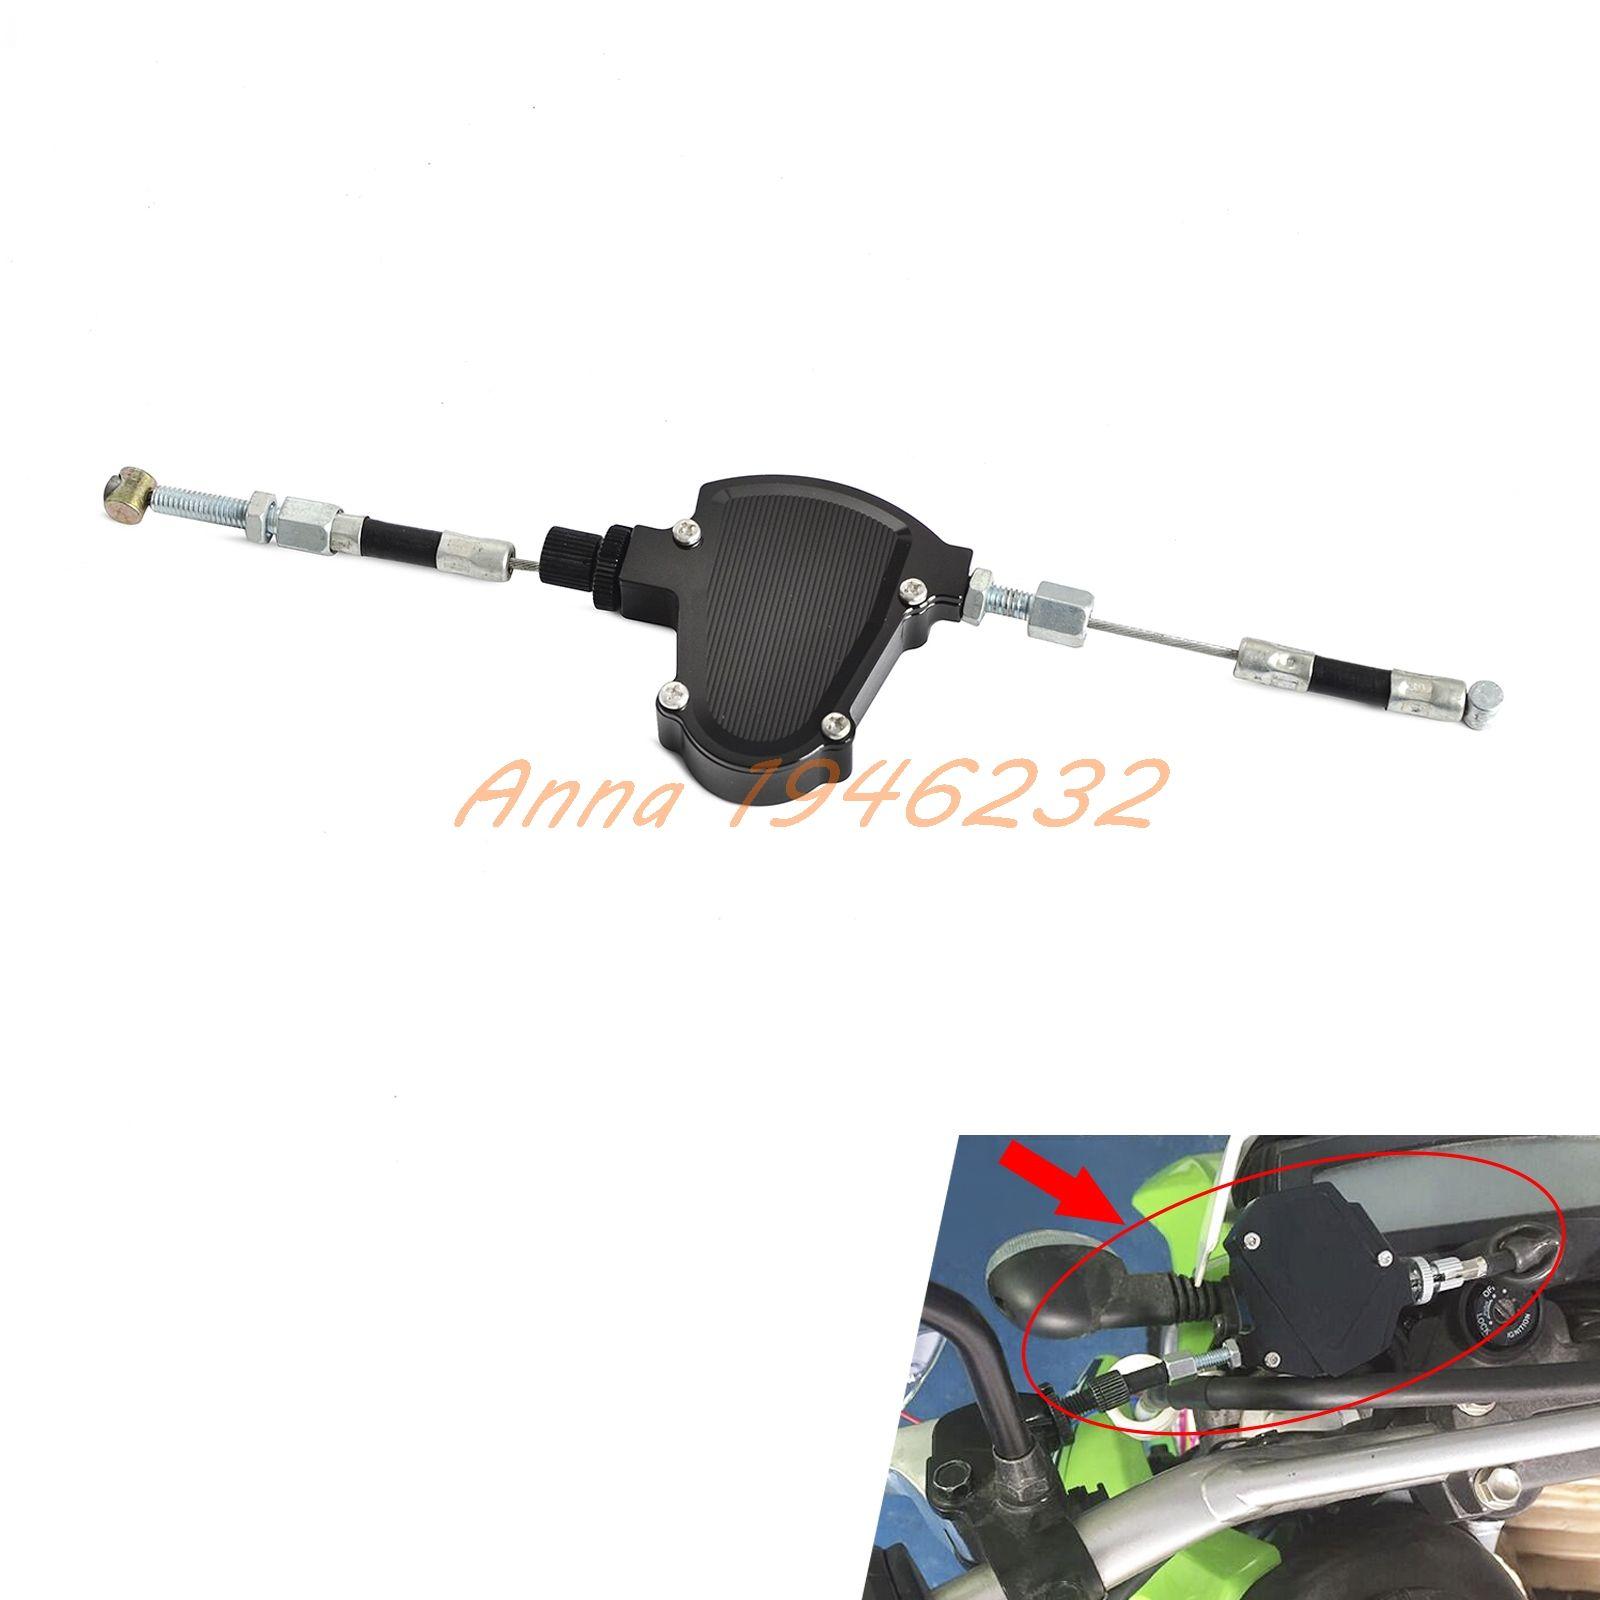 Cnc universal stunt kupplung einfach ziehen kabel system motorräder dirt bike für honda yamaha suzuki kawasaki ducati triumph